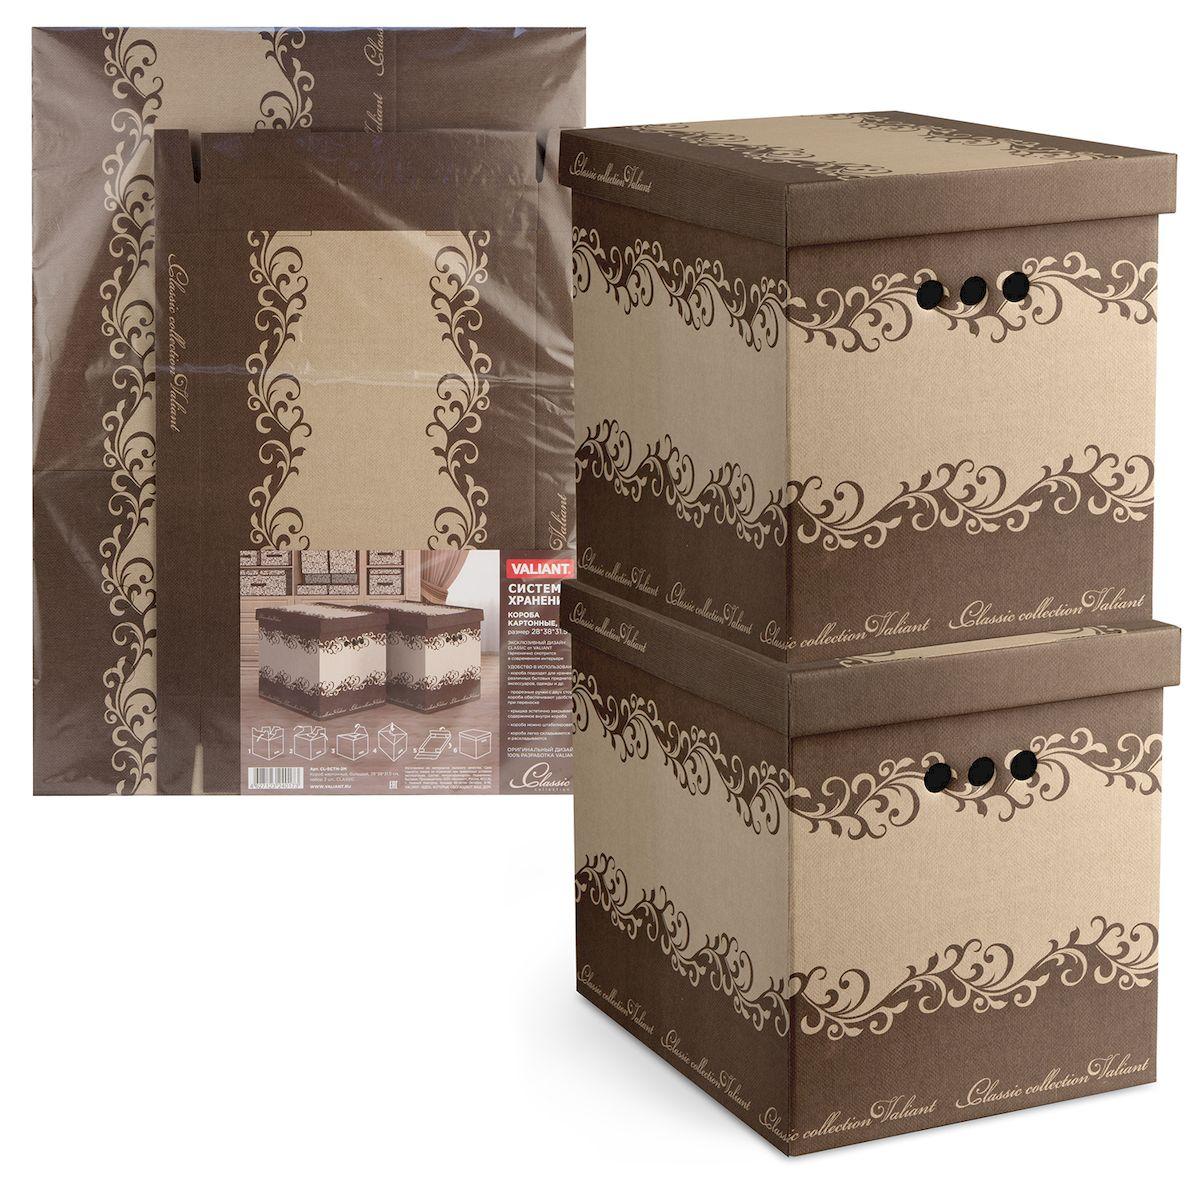 Короб для хранения Valiant Classic, 28х38х31,5 см, складной набор 2 штCL-BCTN-2MКороб картонный Valiant Classic легкий и прочный. Короб являются самосборным (на упаковке имеется удобная инструкция по сборке). Благодаря прорезным ручкам с двух сторон коробку удобно поднимать и переносить.